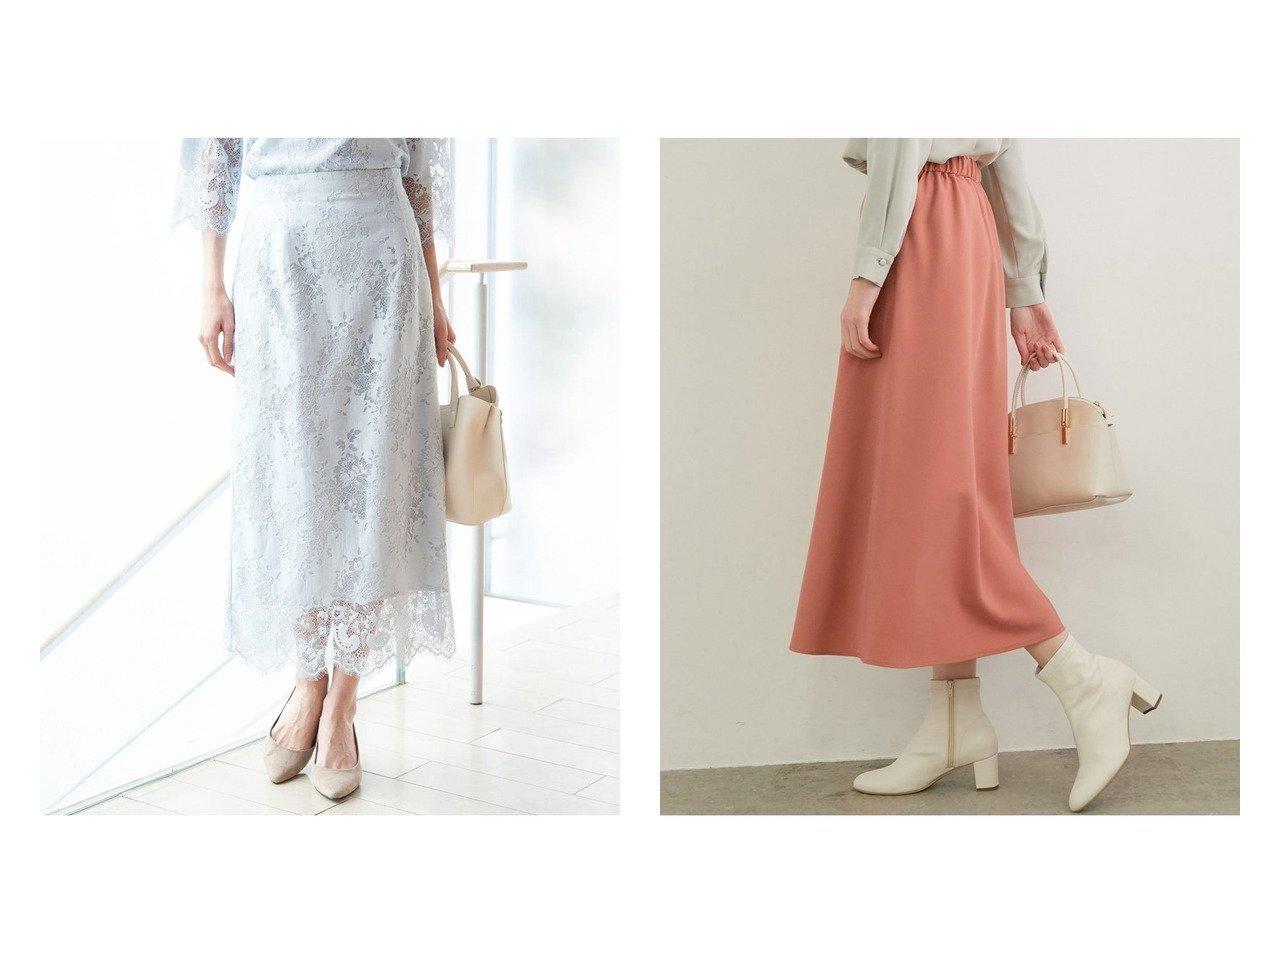 【ROPE' PICNIC/ロペピクニック】のプレミアムフィール ミドル丈スカート&【セットアップ対応】ラッセルレーススカート ロペピクニックのおすすめ!人気、トレンド・レディースファッションの通販 おすすめで人気の流行・トレンド、ファッションの通販商品 メンズファッション・キッズファッション・インテリア・家具・レディースファッション・服の通販 founy(ファニー) https://founy.com/ ファッション Fashion レディースファッション WOMEN スカート Skirt セットアップ Setup スカート Skirt 春 Spring 秋 Autumn/Fall ガーリー シューズ シンプル ジャケット タイツ トレンド バレエ ポケット ミドル 冬 Winter NEW・新作・新着・新入荷 New Arrivals おすすめ Recommend インナー スウィート スカラップ セットアップ タイトスカート フォーマル ラッセル レース |ID:crp329100000021511